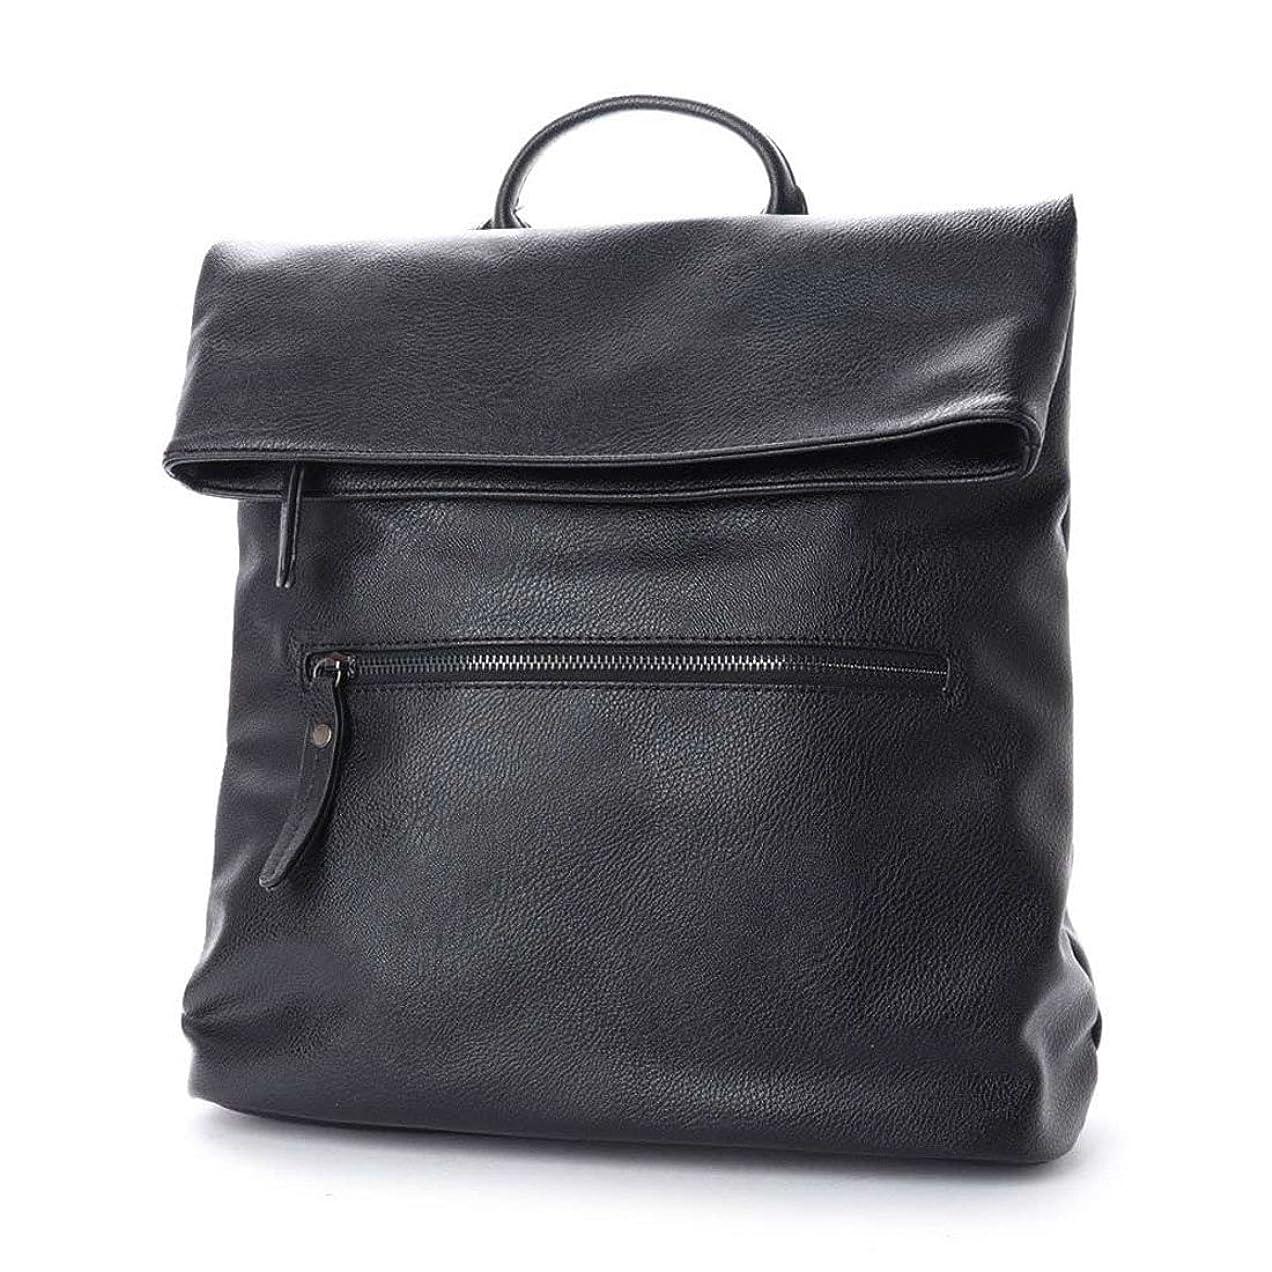 裕福なもっと少なく失礼なリュックサック トートバッグ ショルダーバッグ メンズ レディース バックパック リュック デイパック カジュアル 3way バッグ 鞄 【12-CPZ】